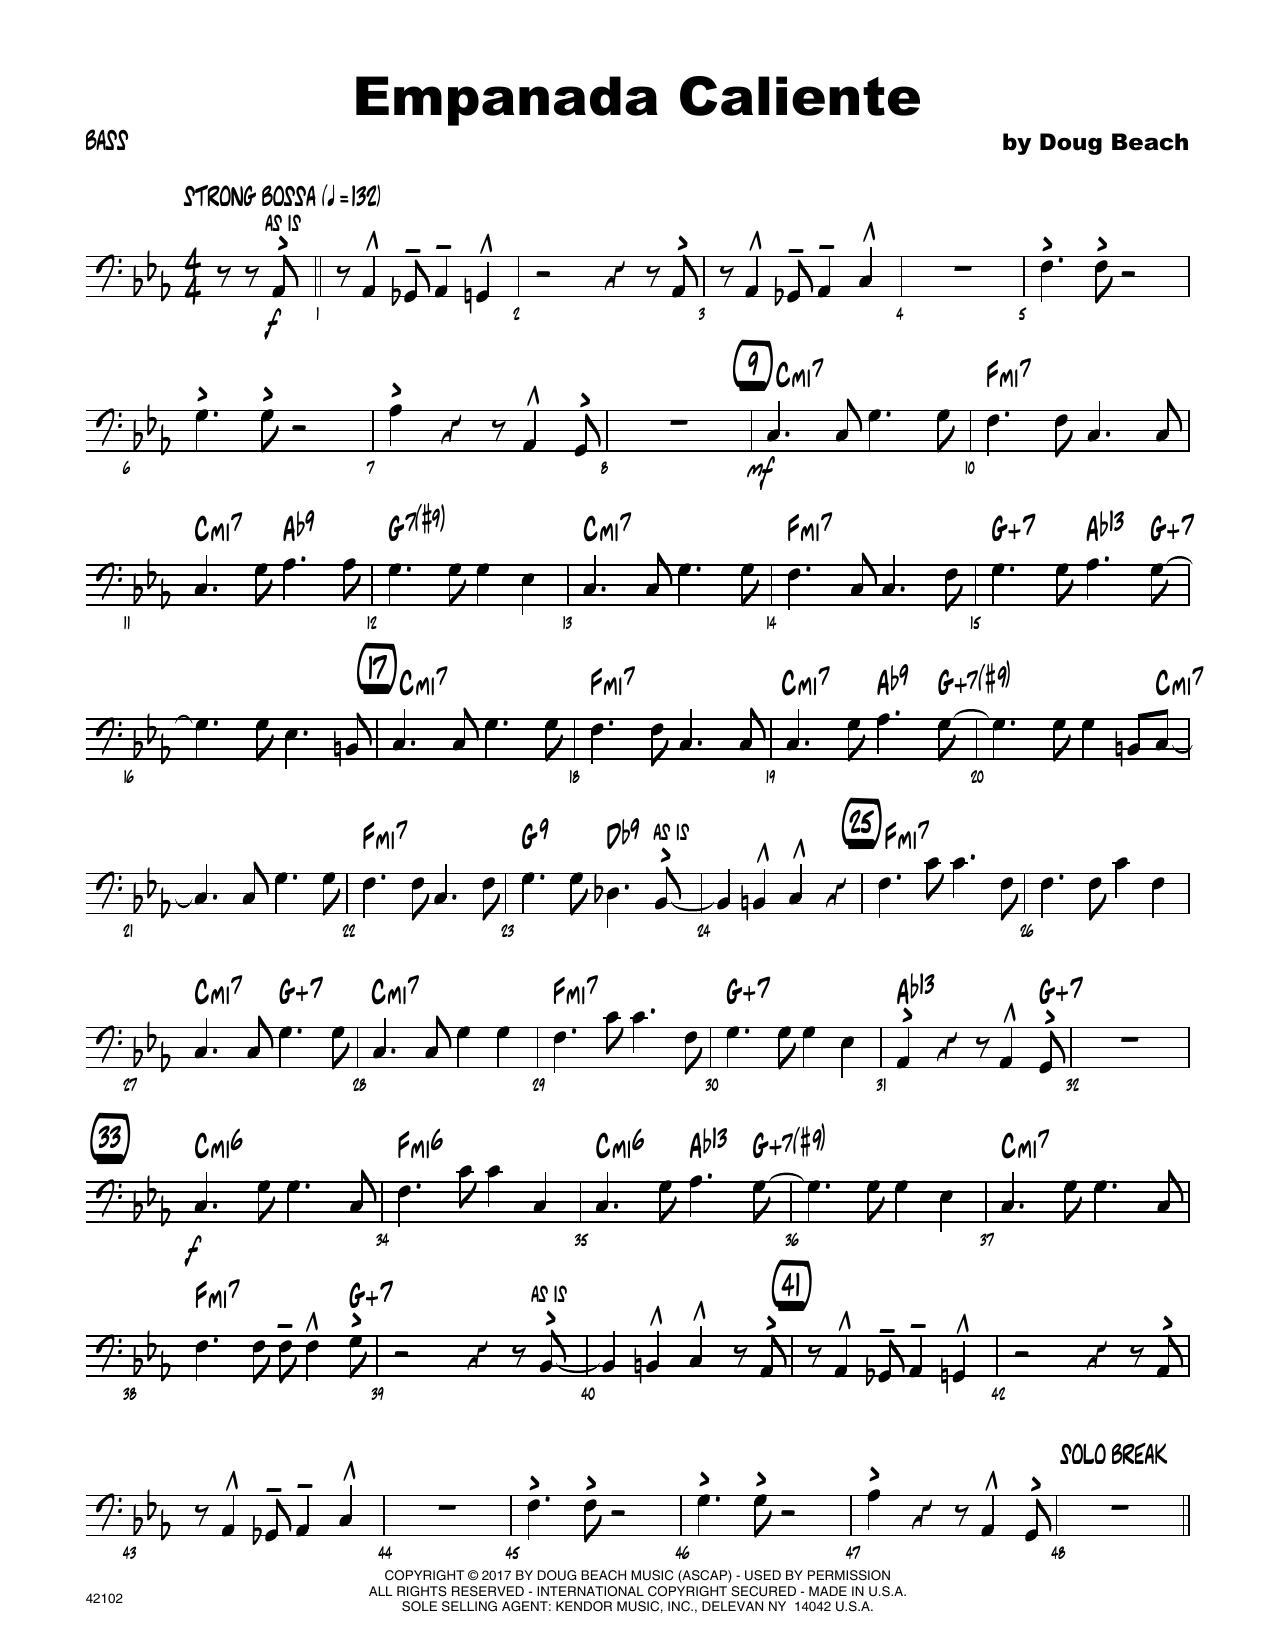 Empanada Caliente - Bass Sheet Music